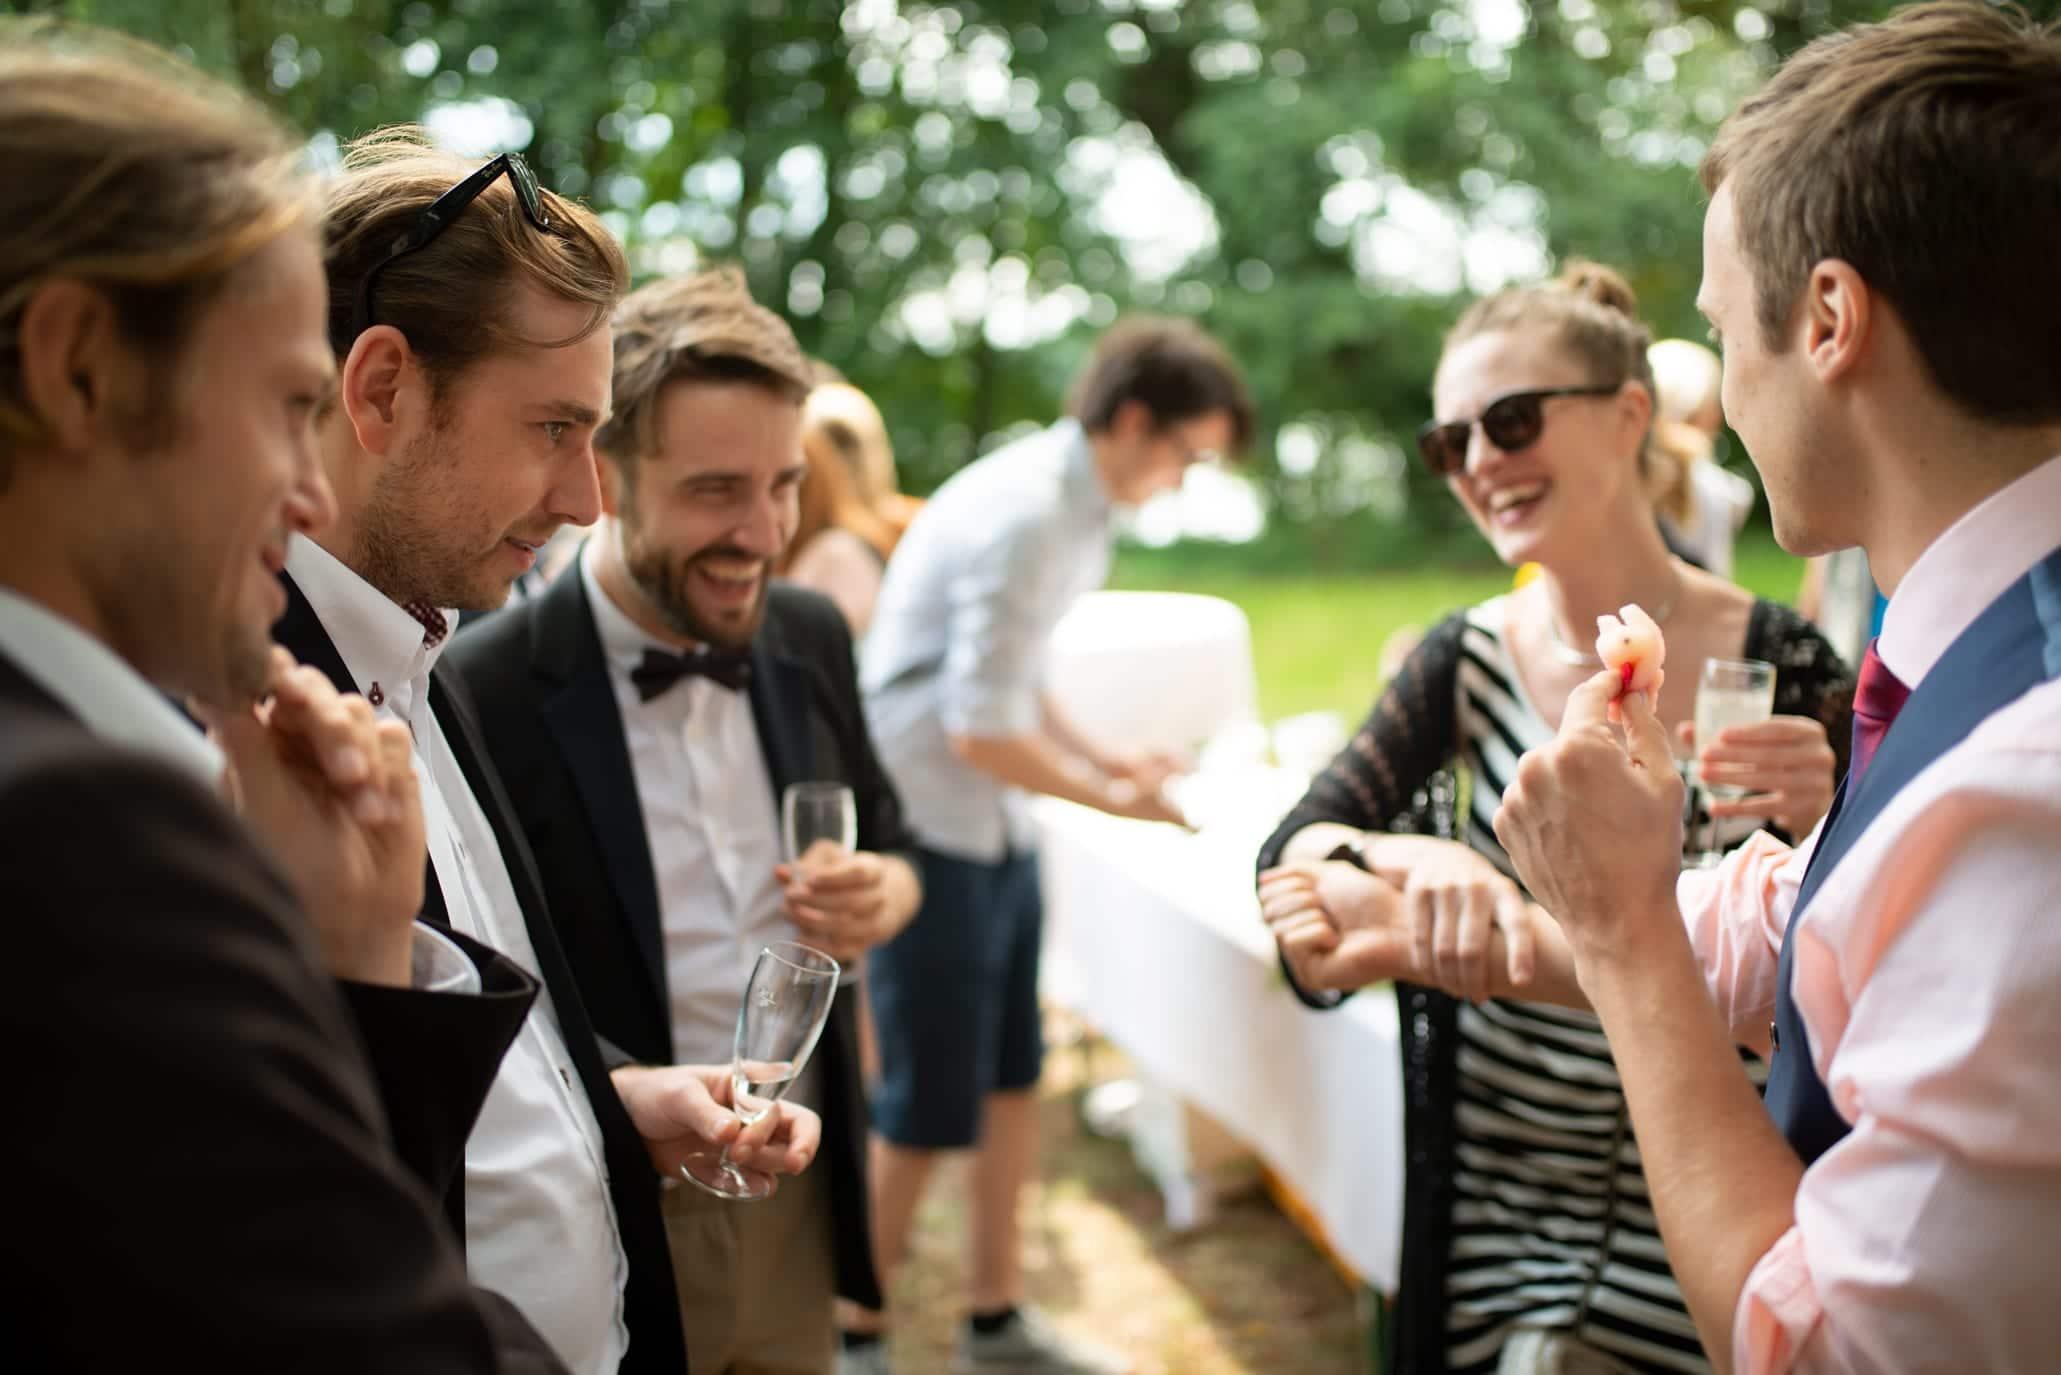 Die Hochzeitsidee kommt gut an. Ein Zauberer als Geschenk für die Gäste gibt ihnen Gesprächsstoff. Sie werden hervorragend unterhalten, haben Spaß und lernen sich dabei gegenseitig kennen.